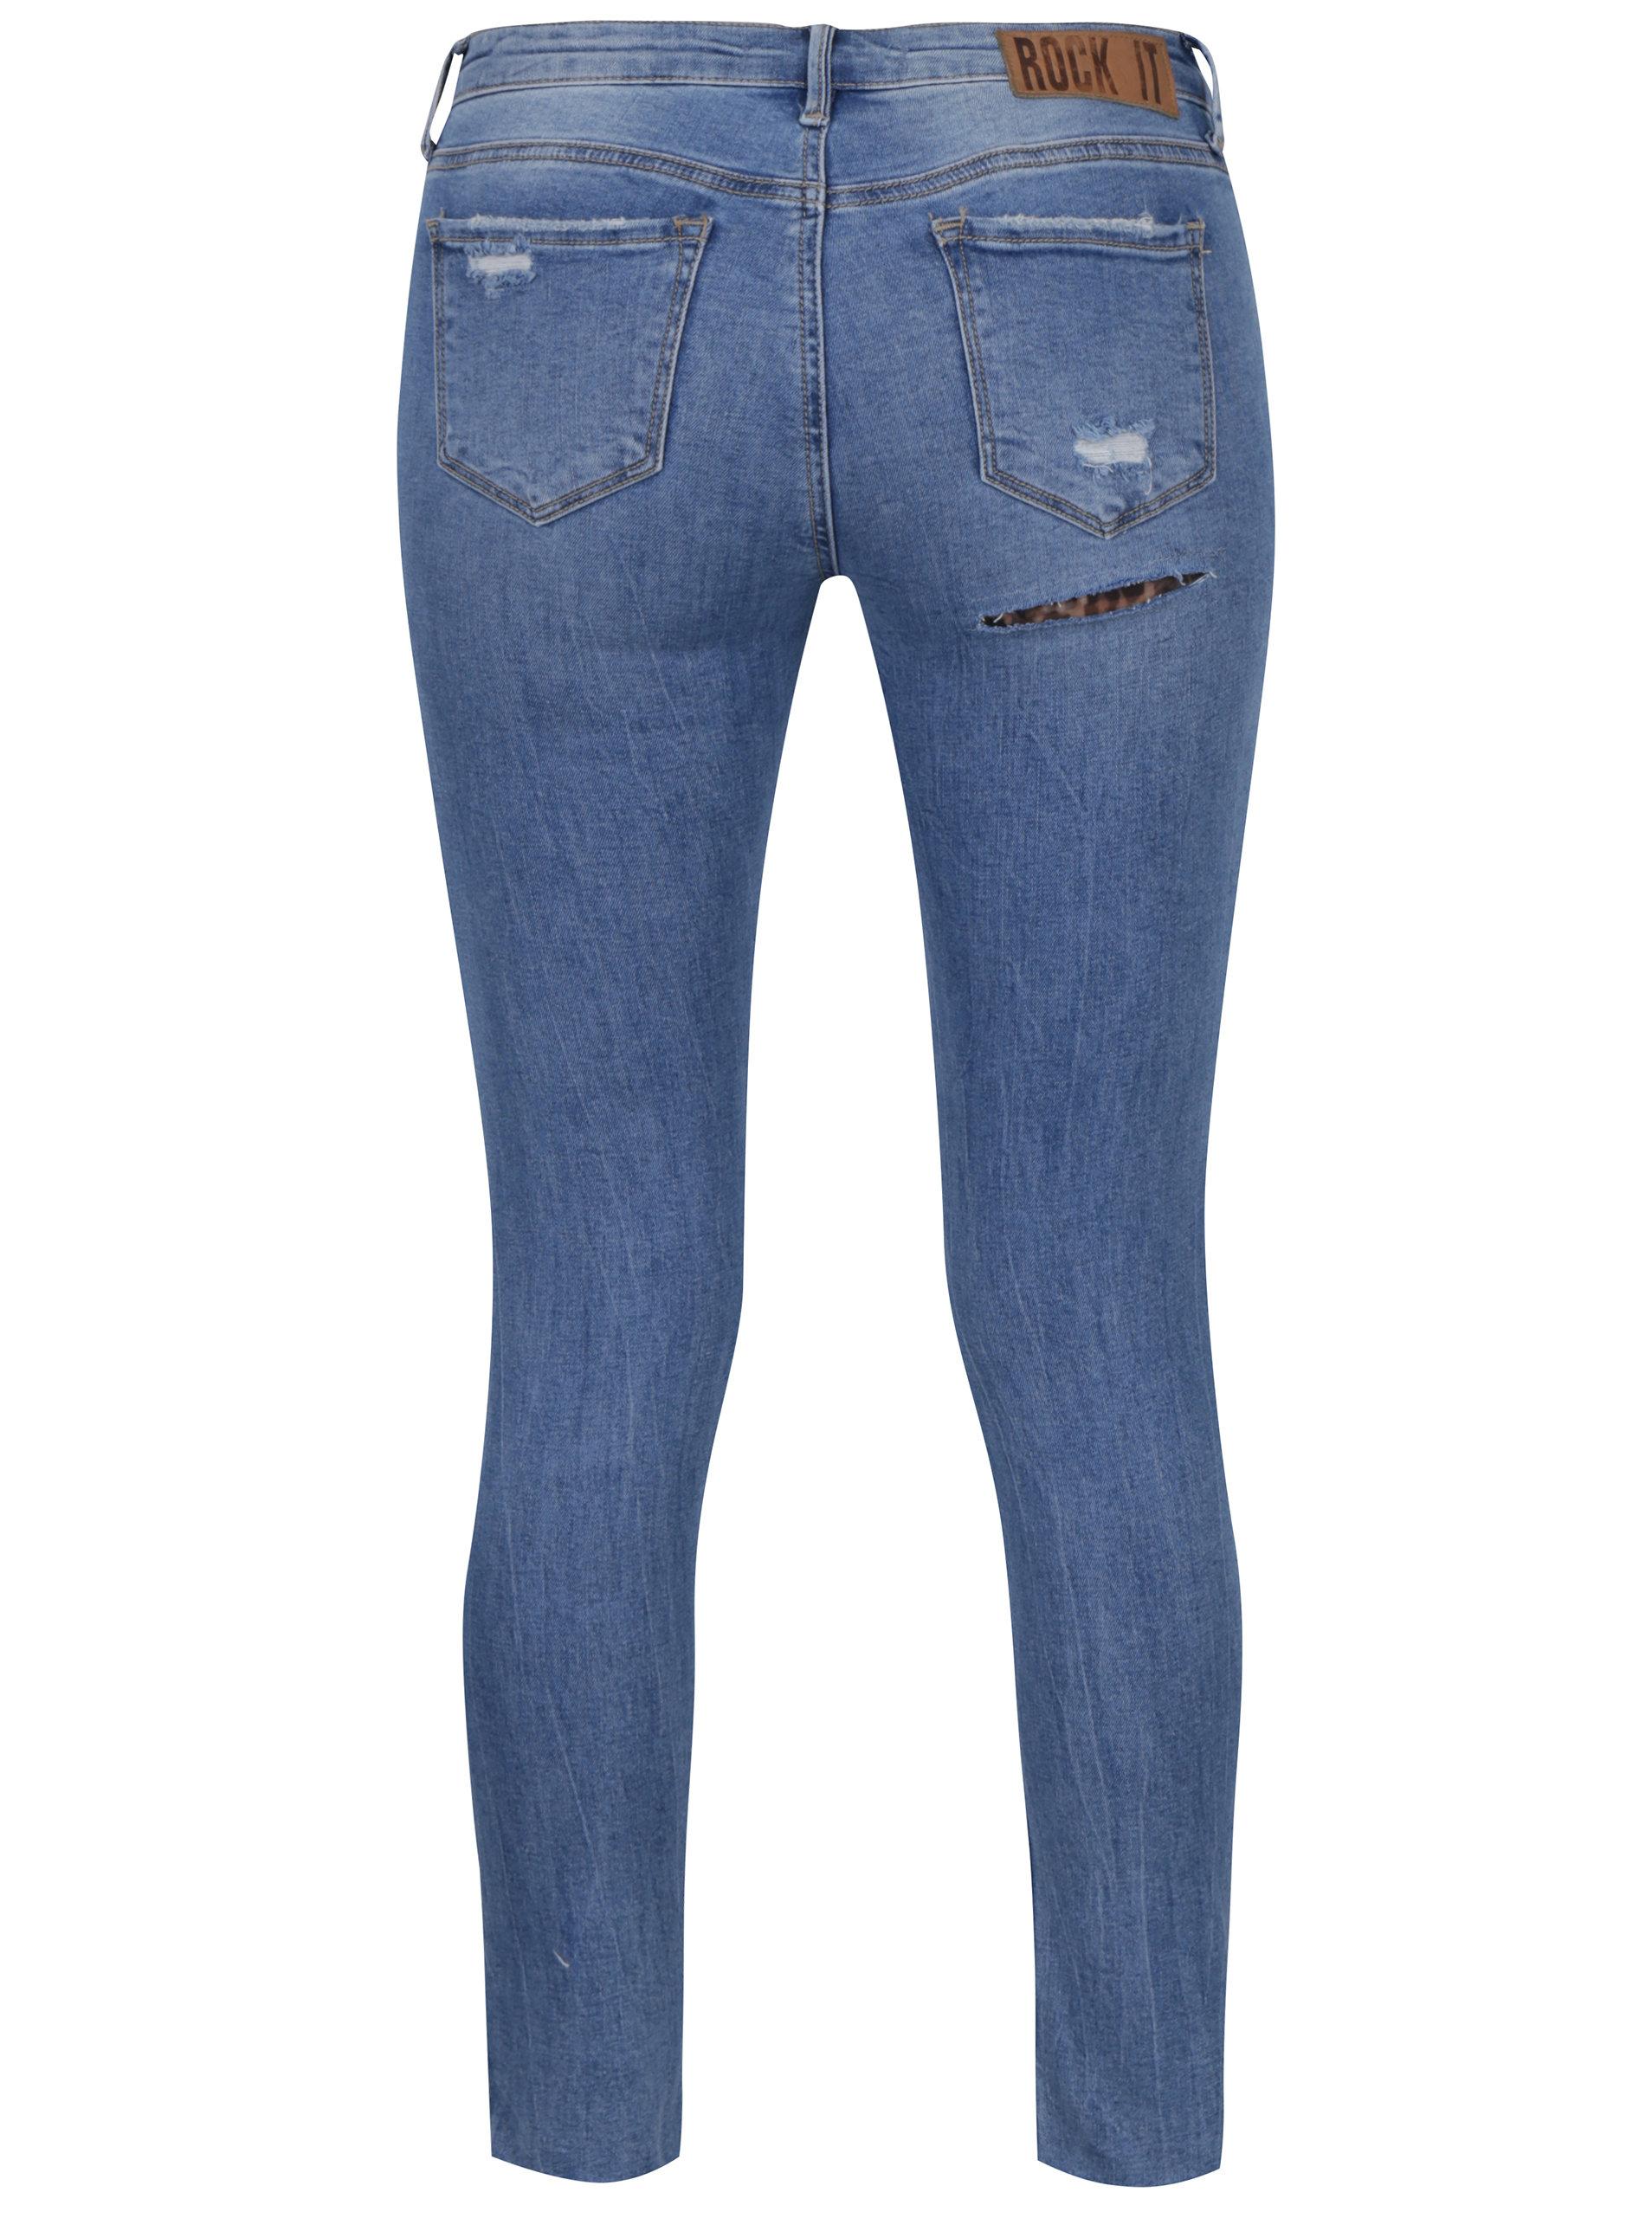 acb23a01bcb Modré zkrácené skinny džíny s nízkým pasem a potrhaným efektem TALLY WEiJL  ...